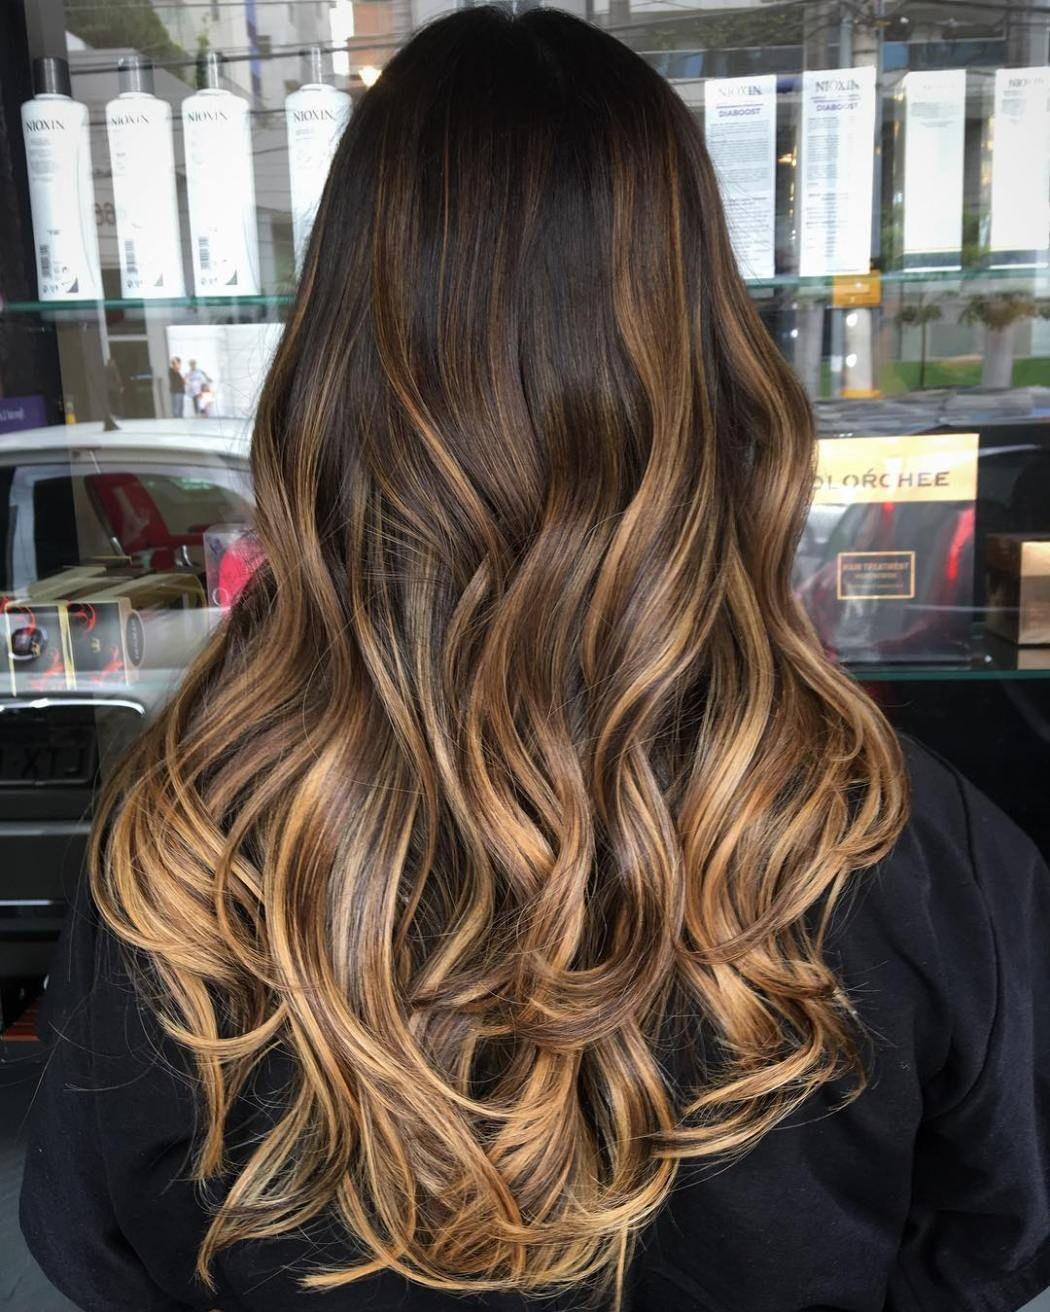 Caramel Ombre Highlights | Cabelo, Cabelo escuro, Luzes cabelo